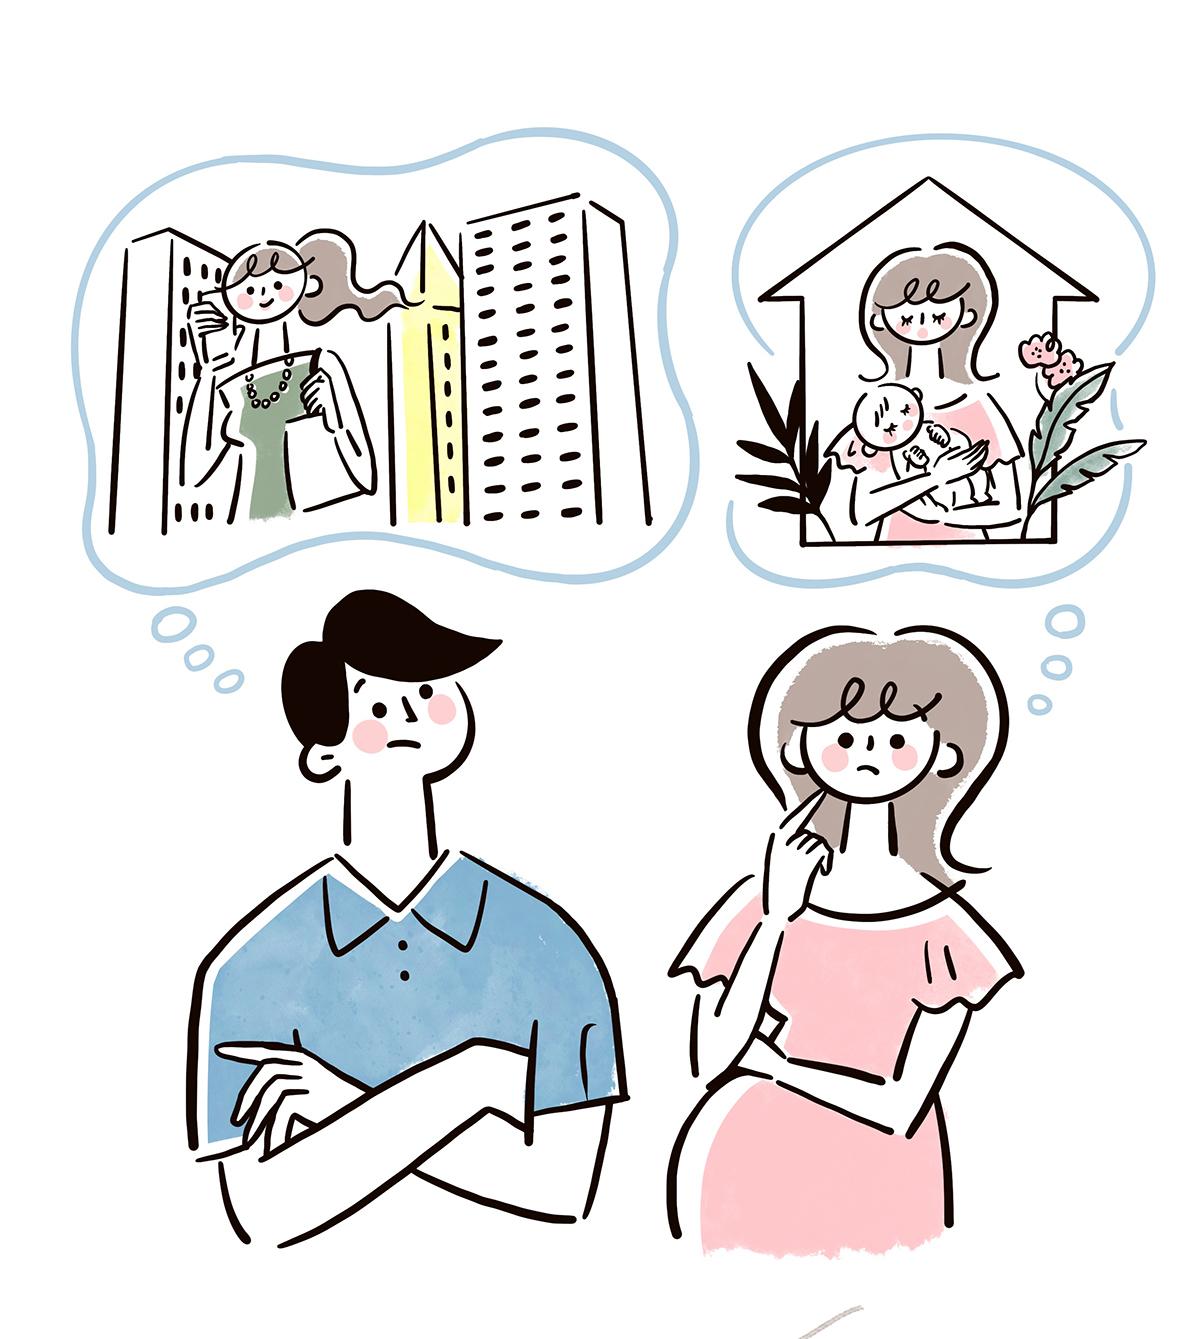 産後の働き方を考える夫婦のイラスト